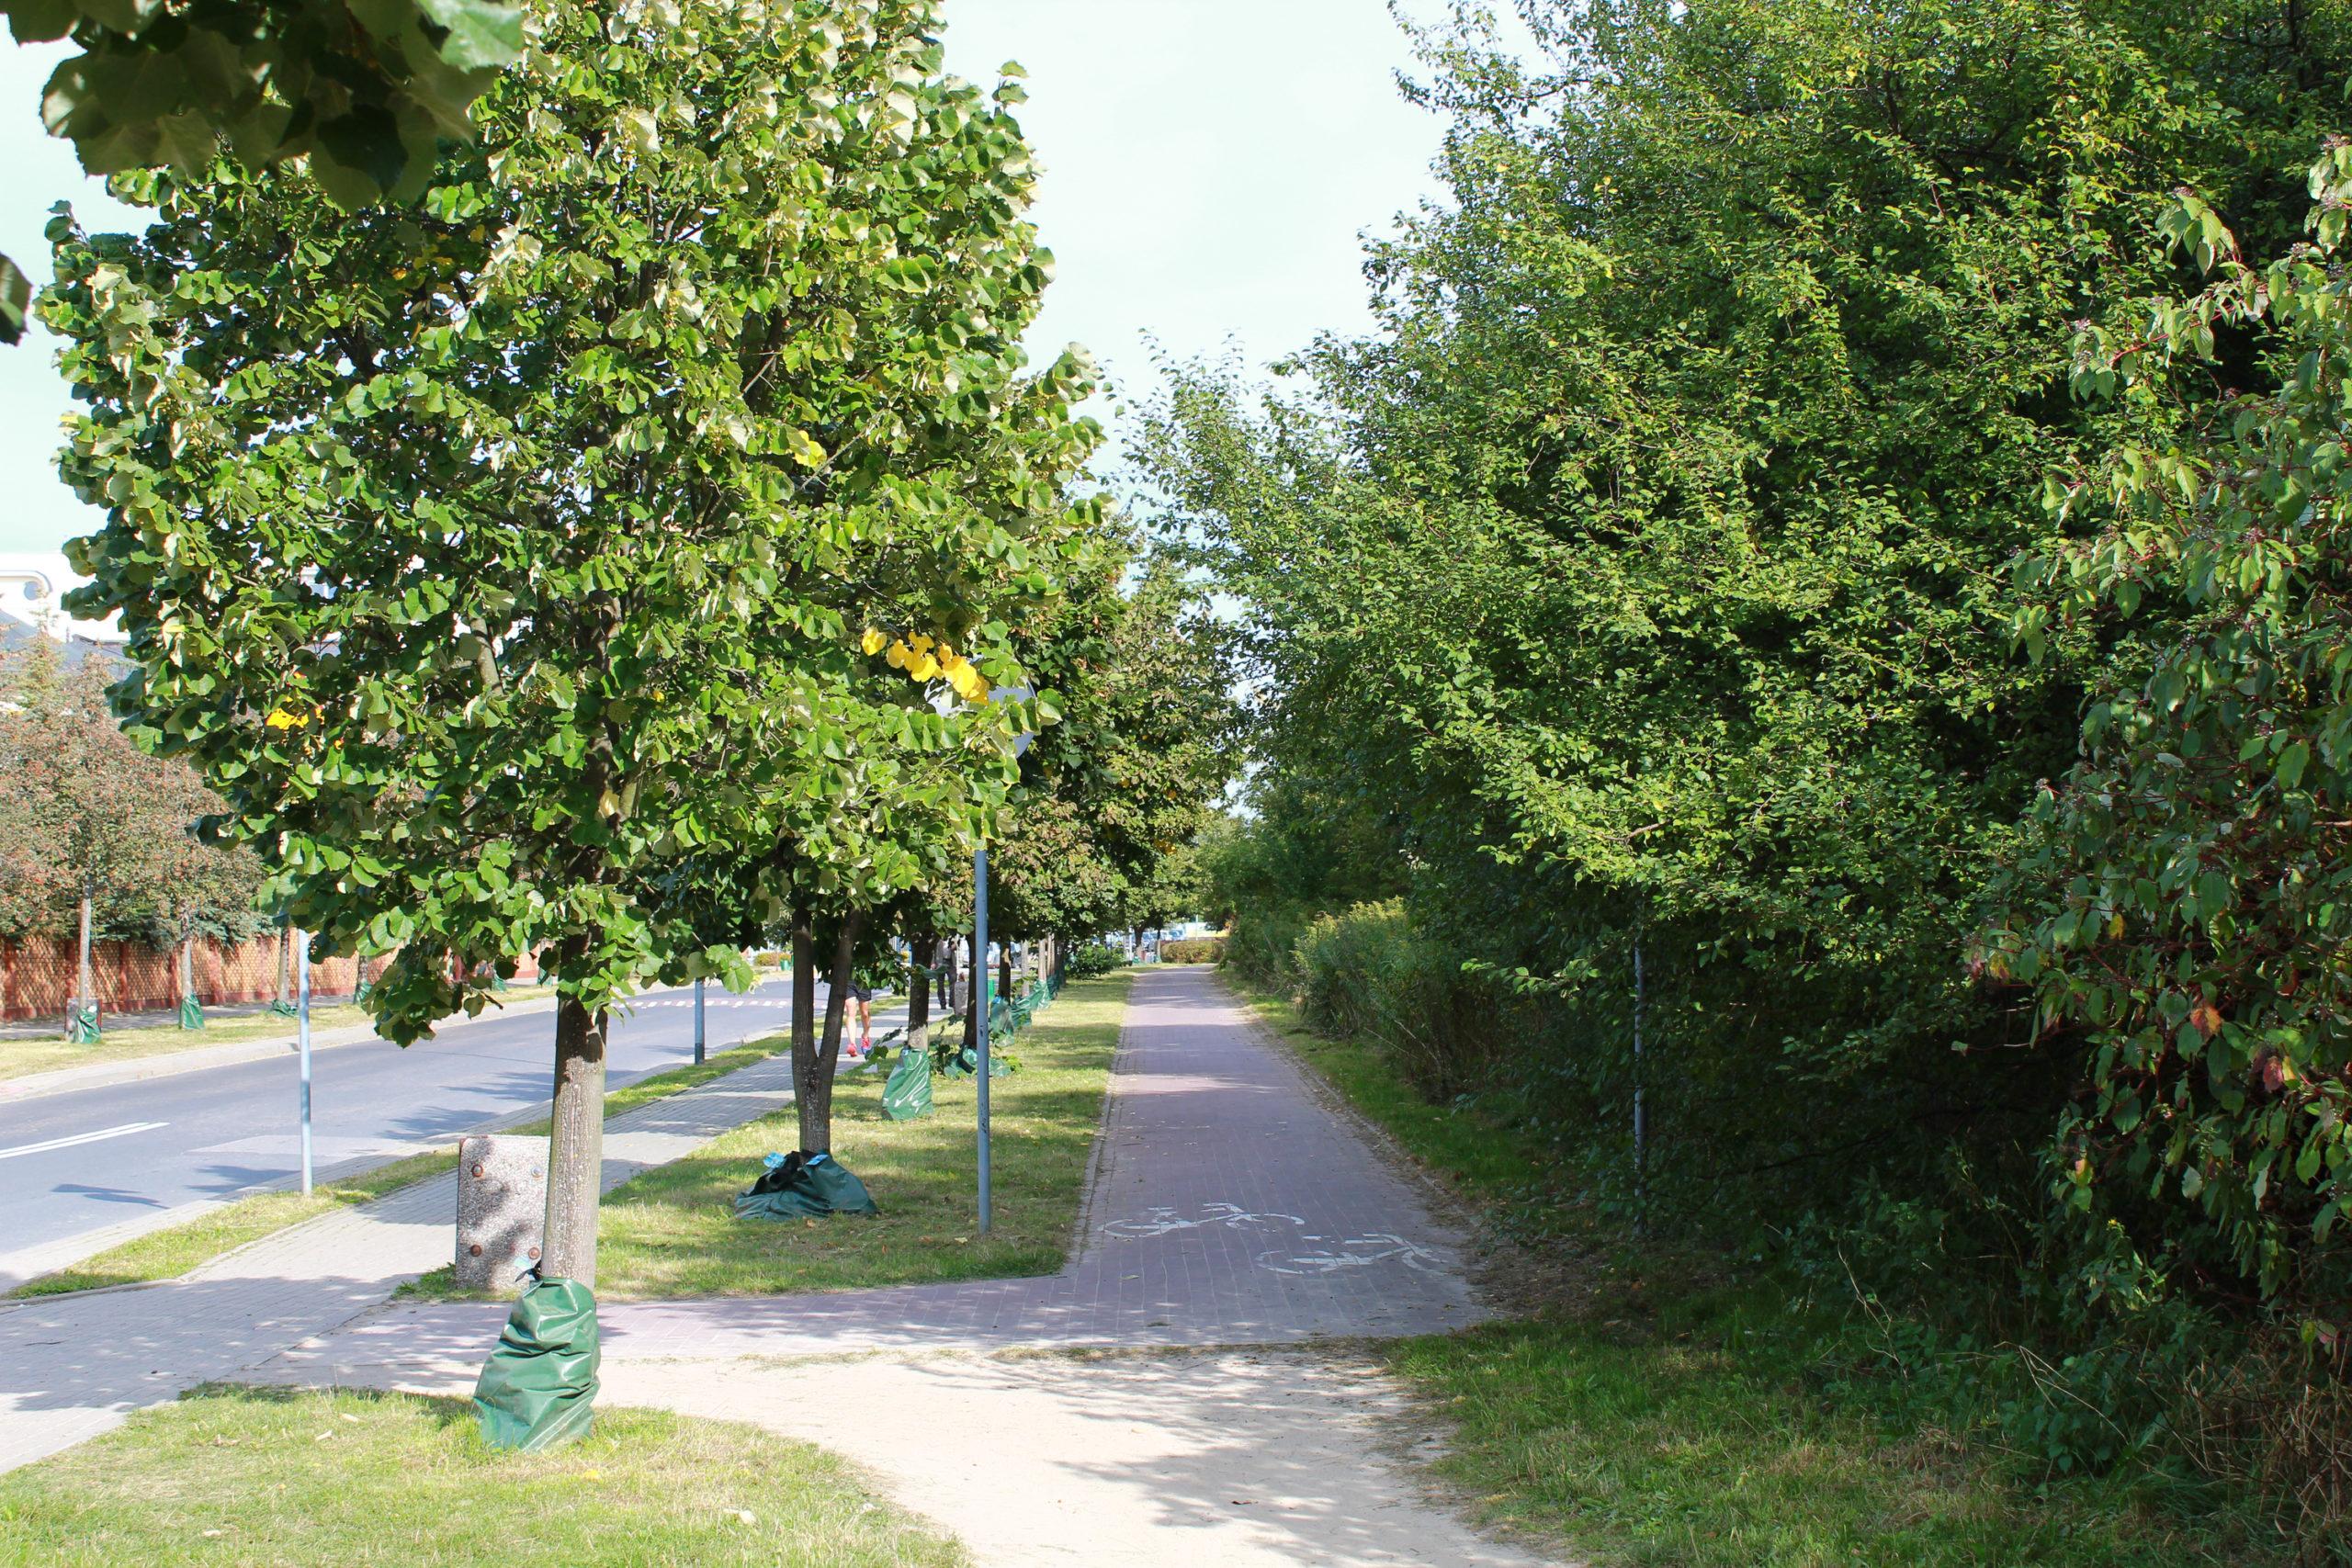 ścieżka rowerowa otoczona zielenią w mieście